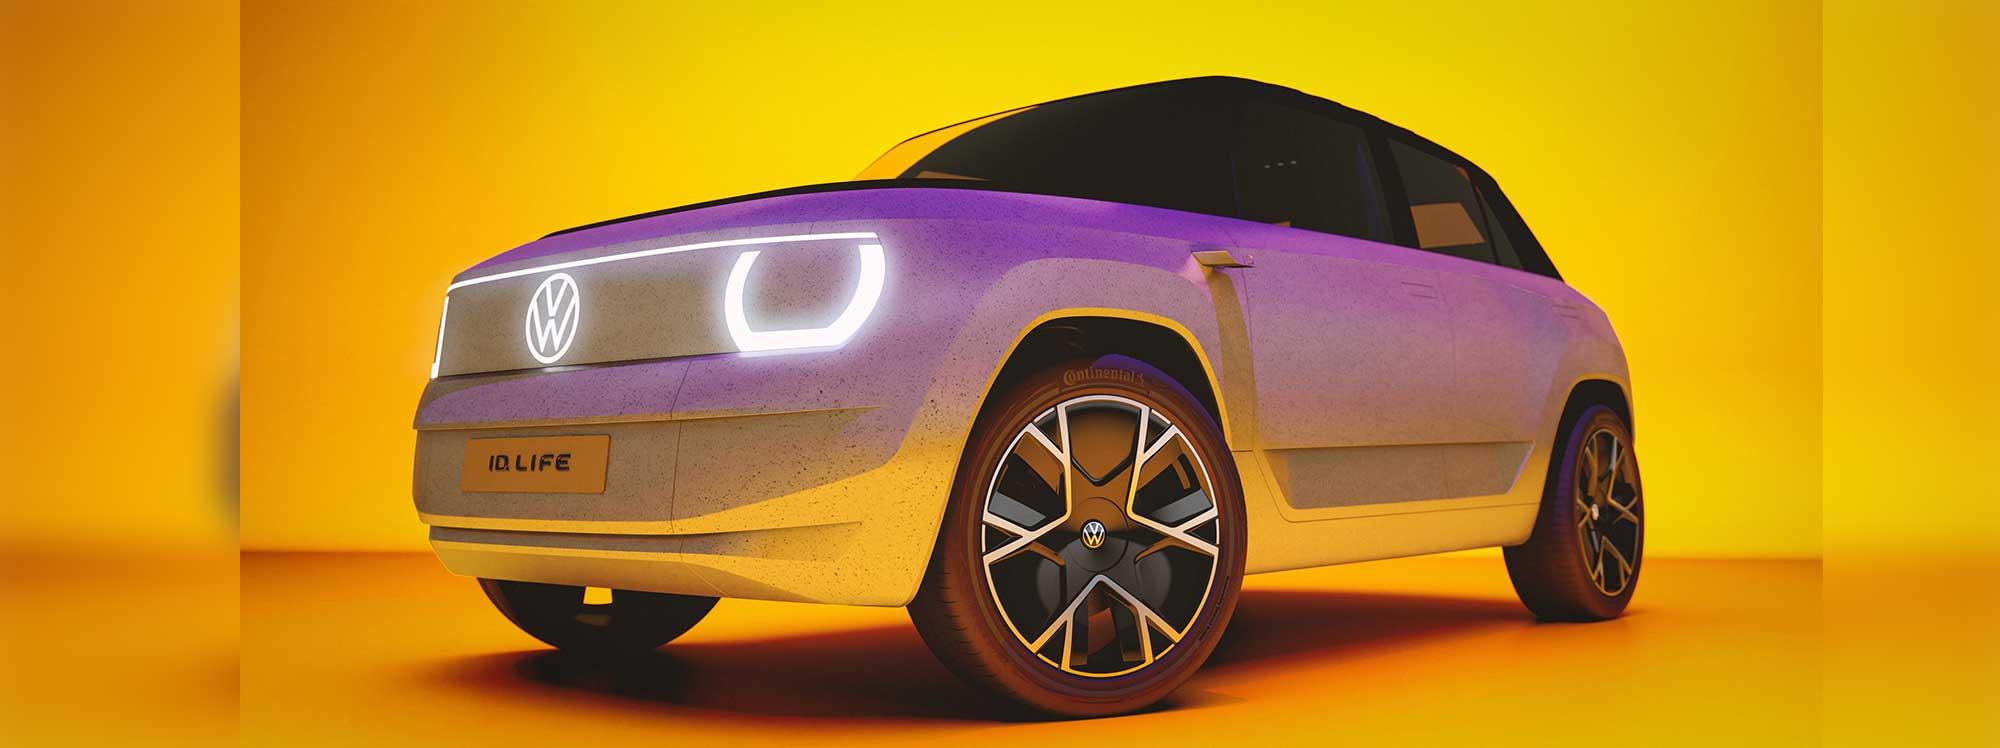 ID.Life de Volkswagen: futuro de la movilidad eléctrica